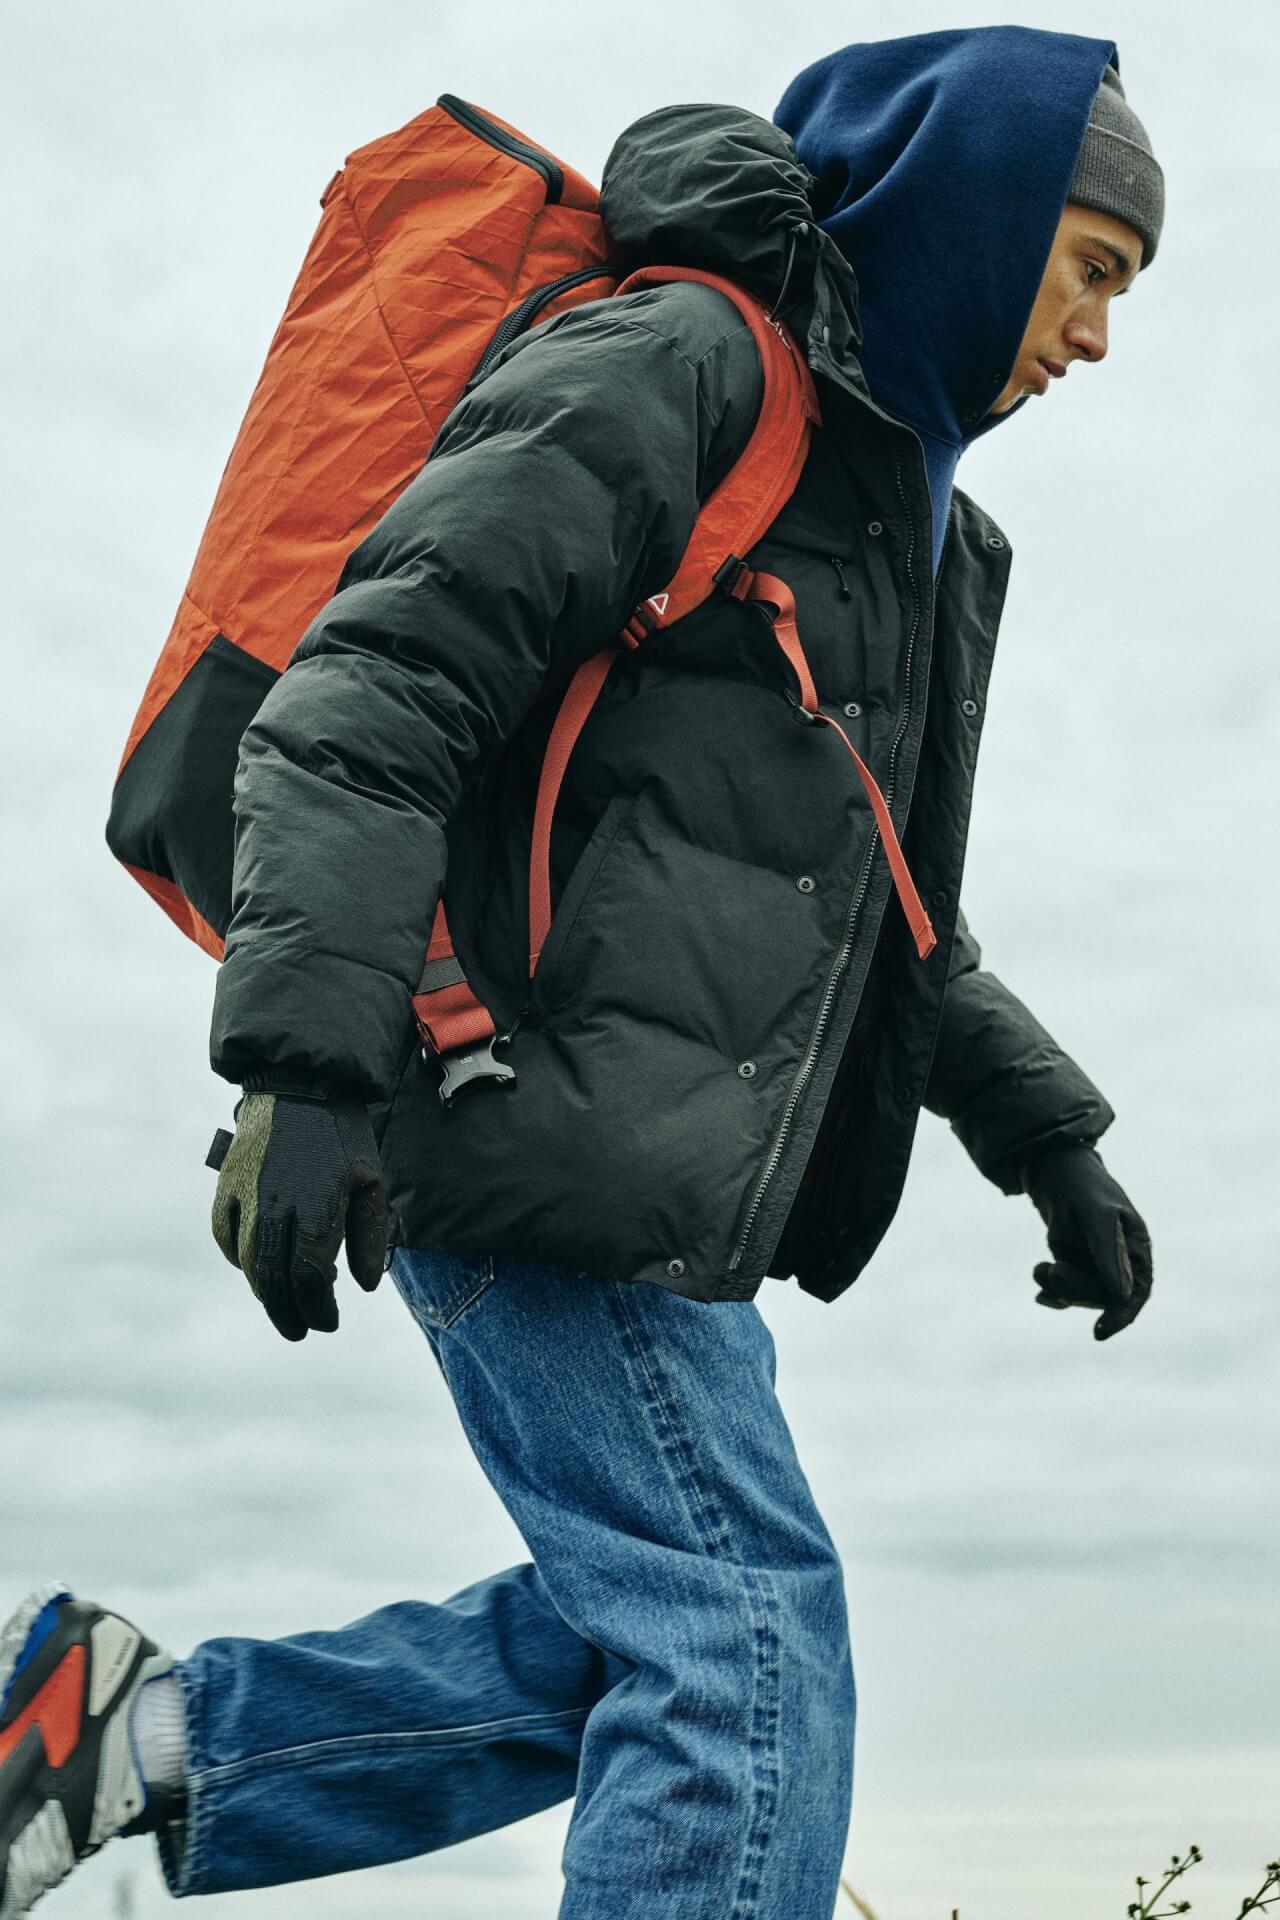 カリマーから限定のウィンターウェア2型が発売!アウタージャケット&ジップアップのフリースが登場 life211012_karrimor_5